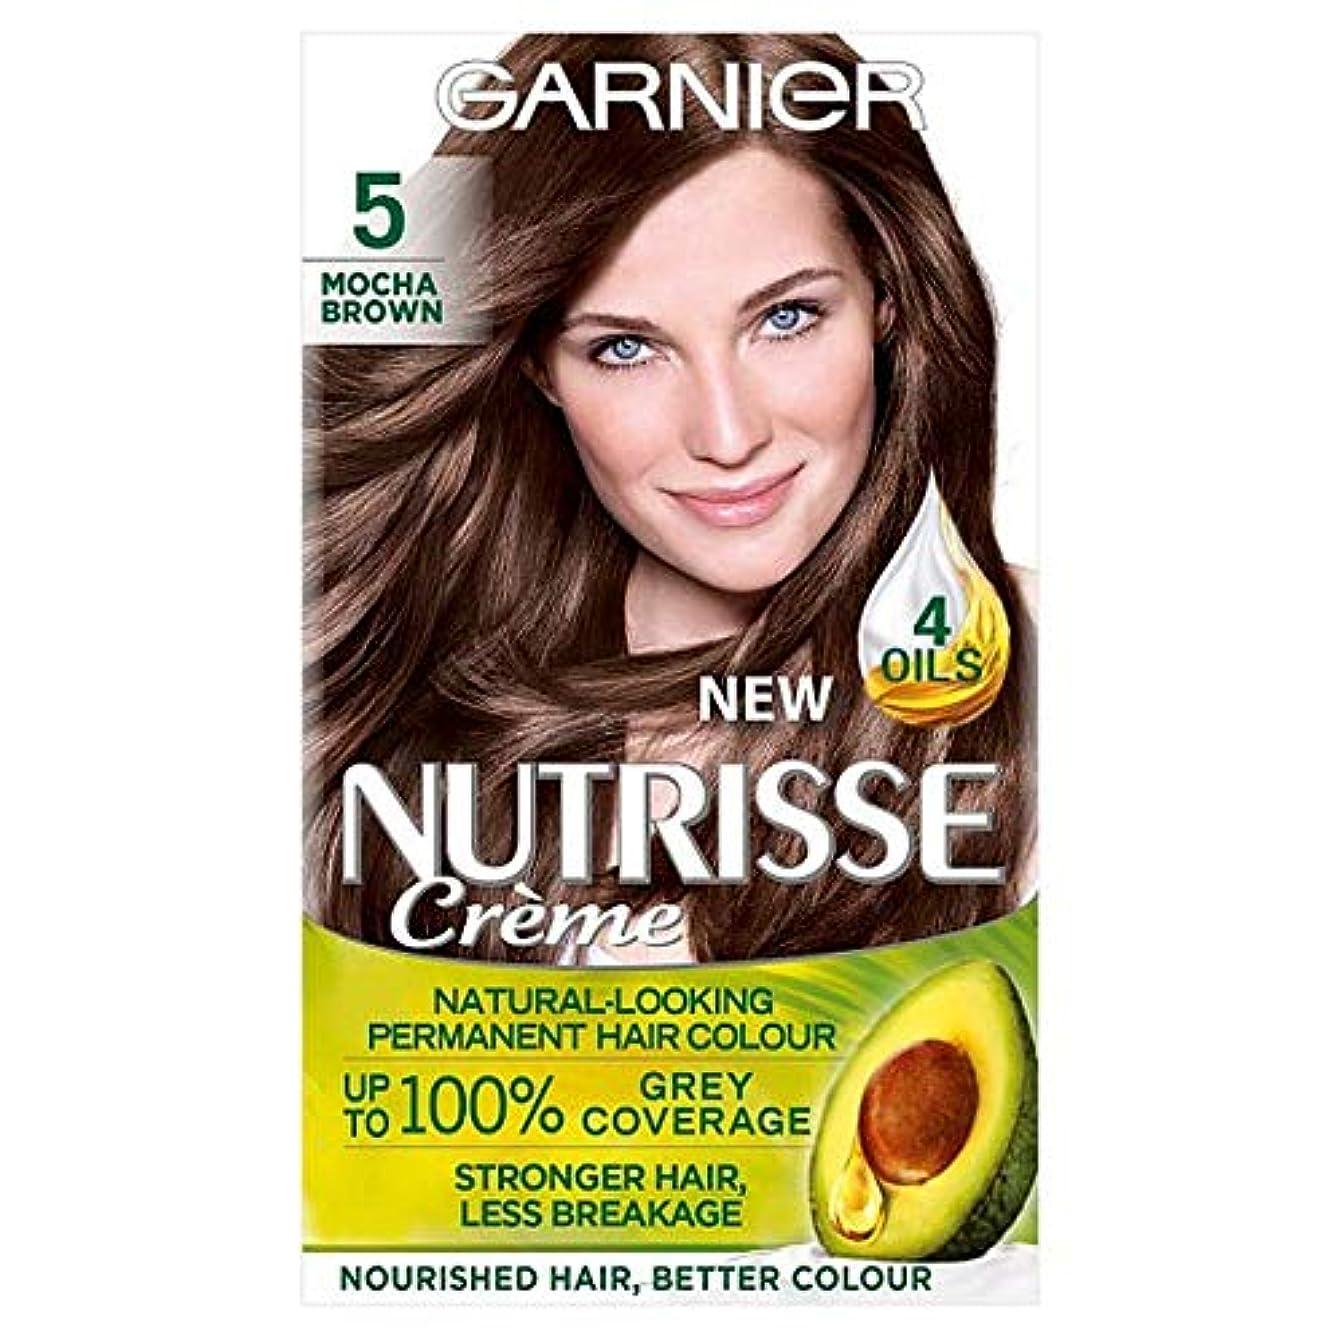 洗う販売計画数学[Nutrisse] 5茶色の永久染毛剤Nutrisseガルニエ - Garnier Nutrisse 5 Brown Permanent Hair Dye [並行輸入品]